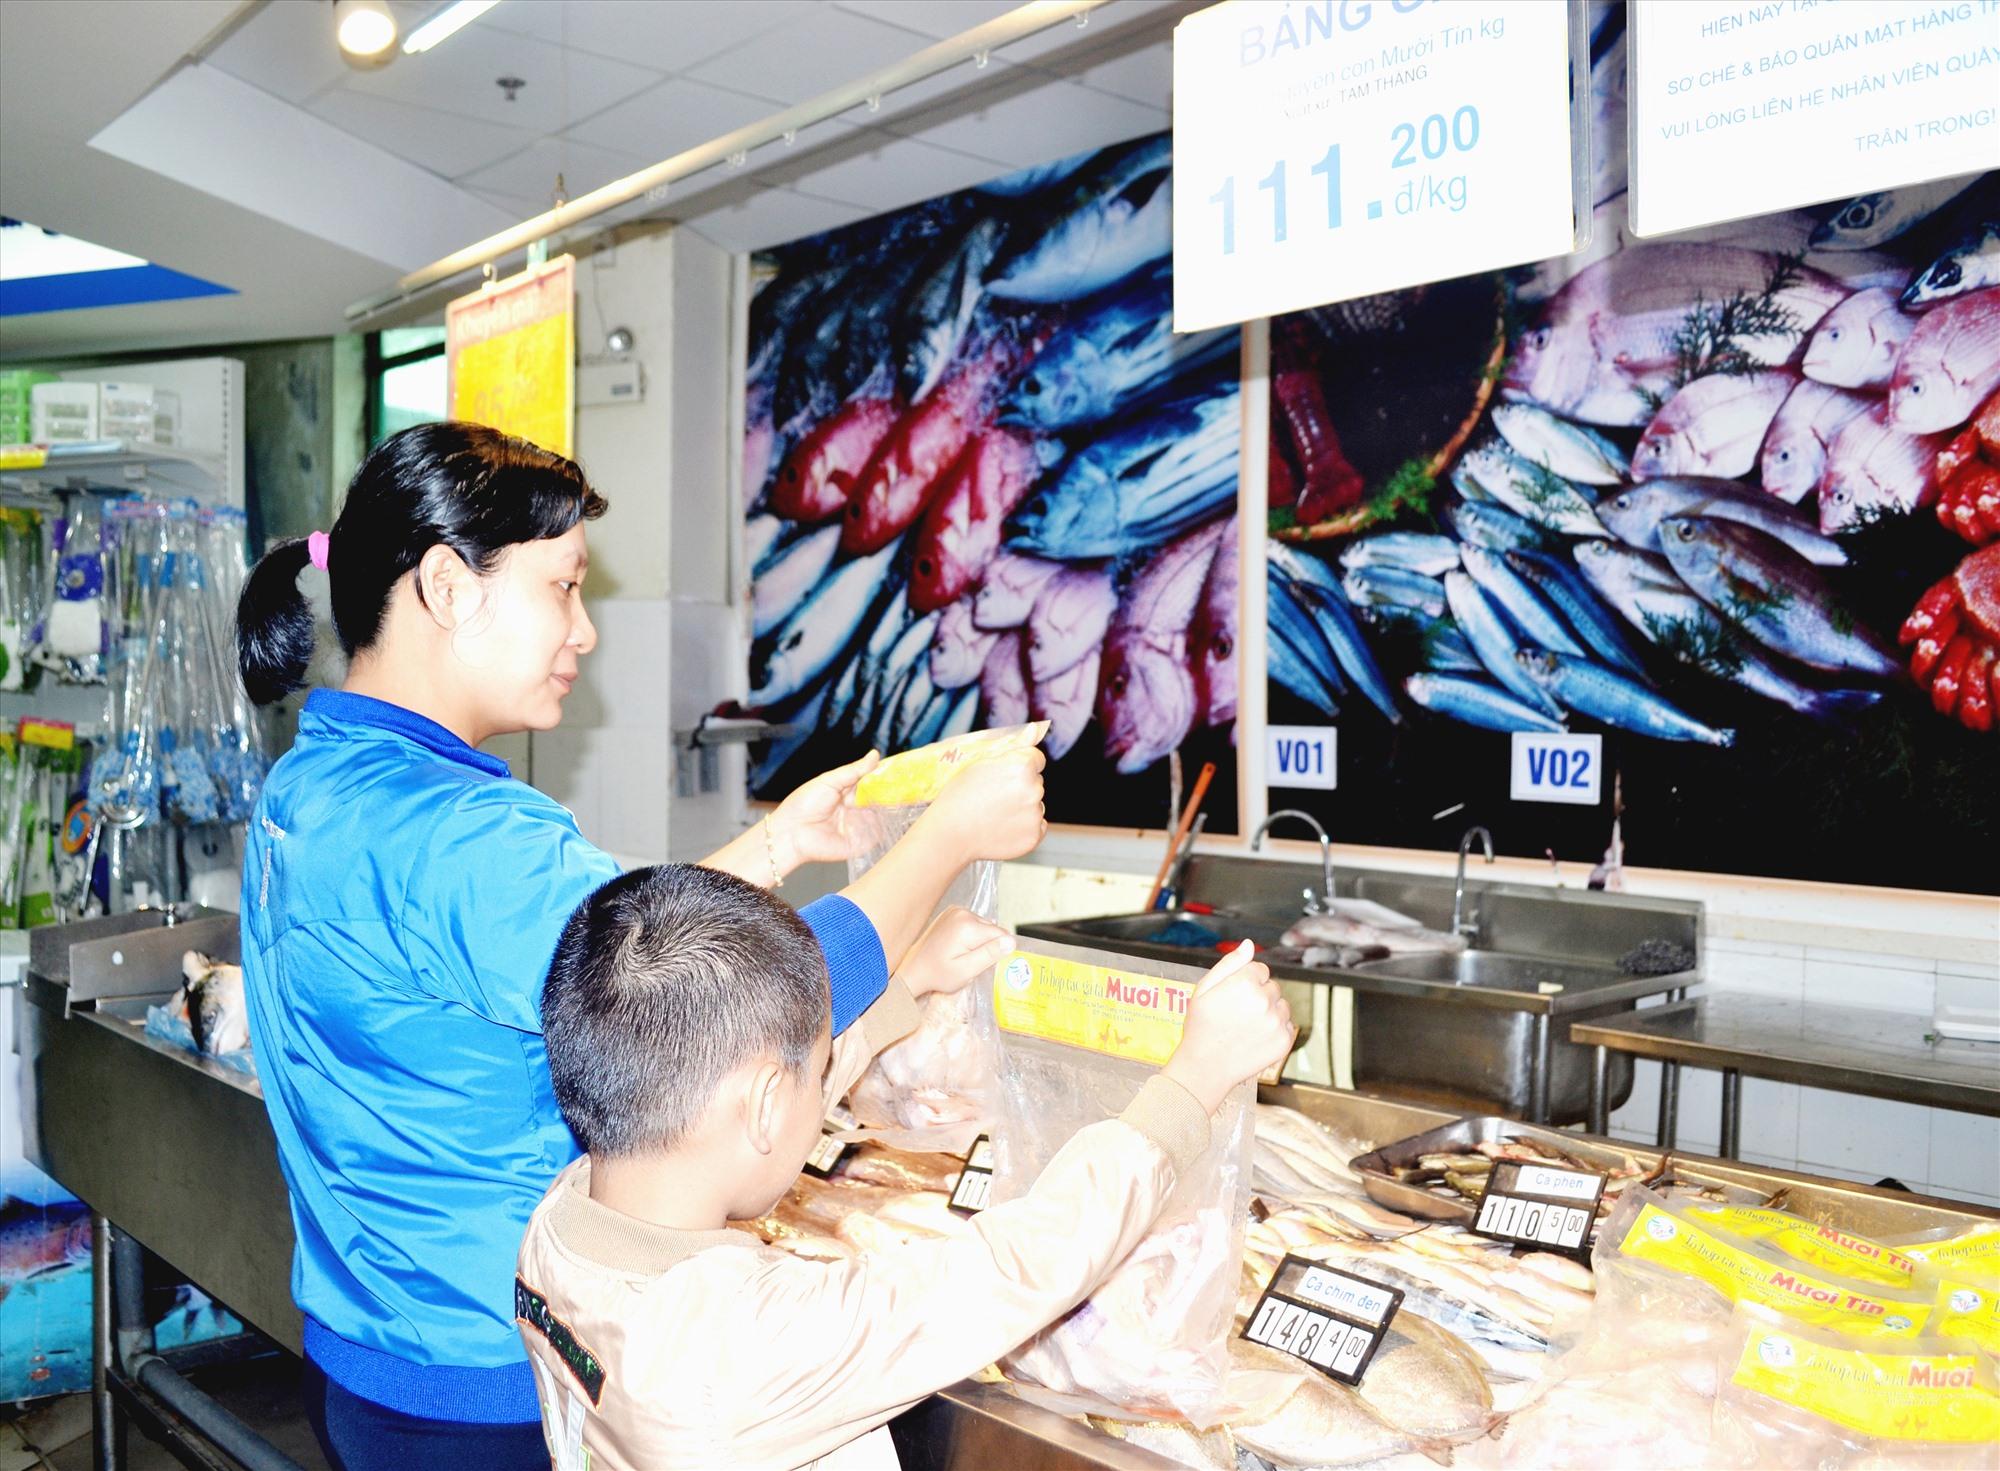 Người dân mua thịt gà Mười Tín ở siêu thị Co.opMart Tam Kỳ. Ảnh: VIỆT NGUYỄN